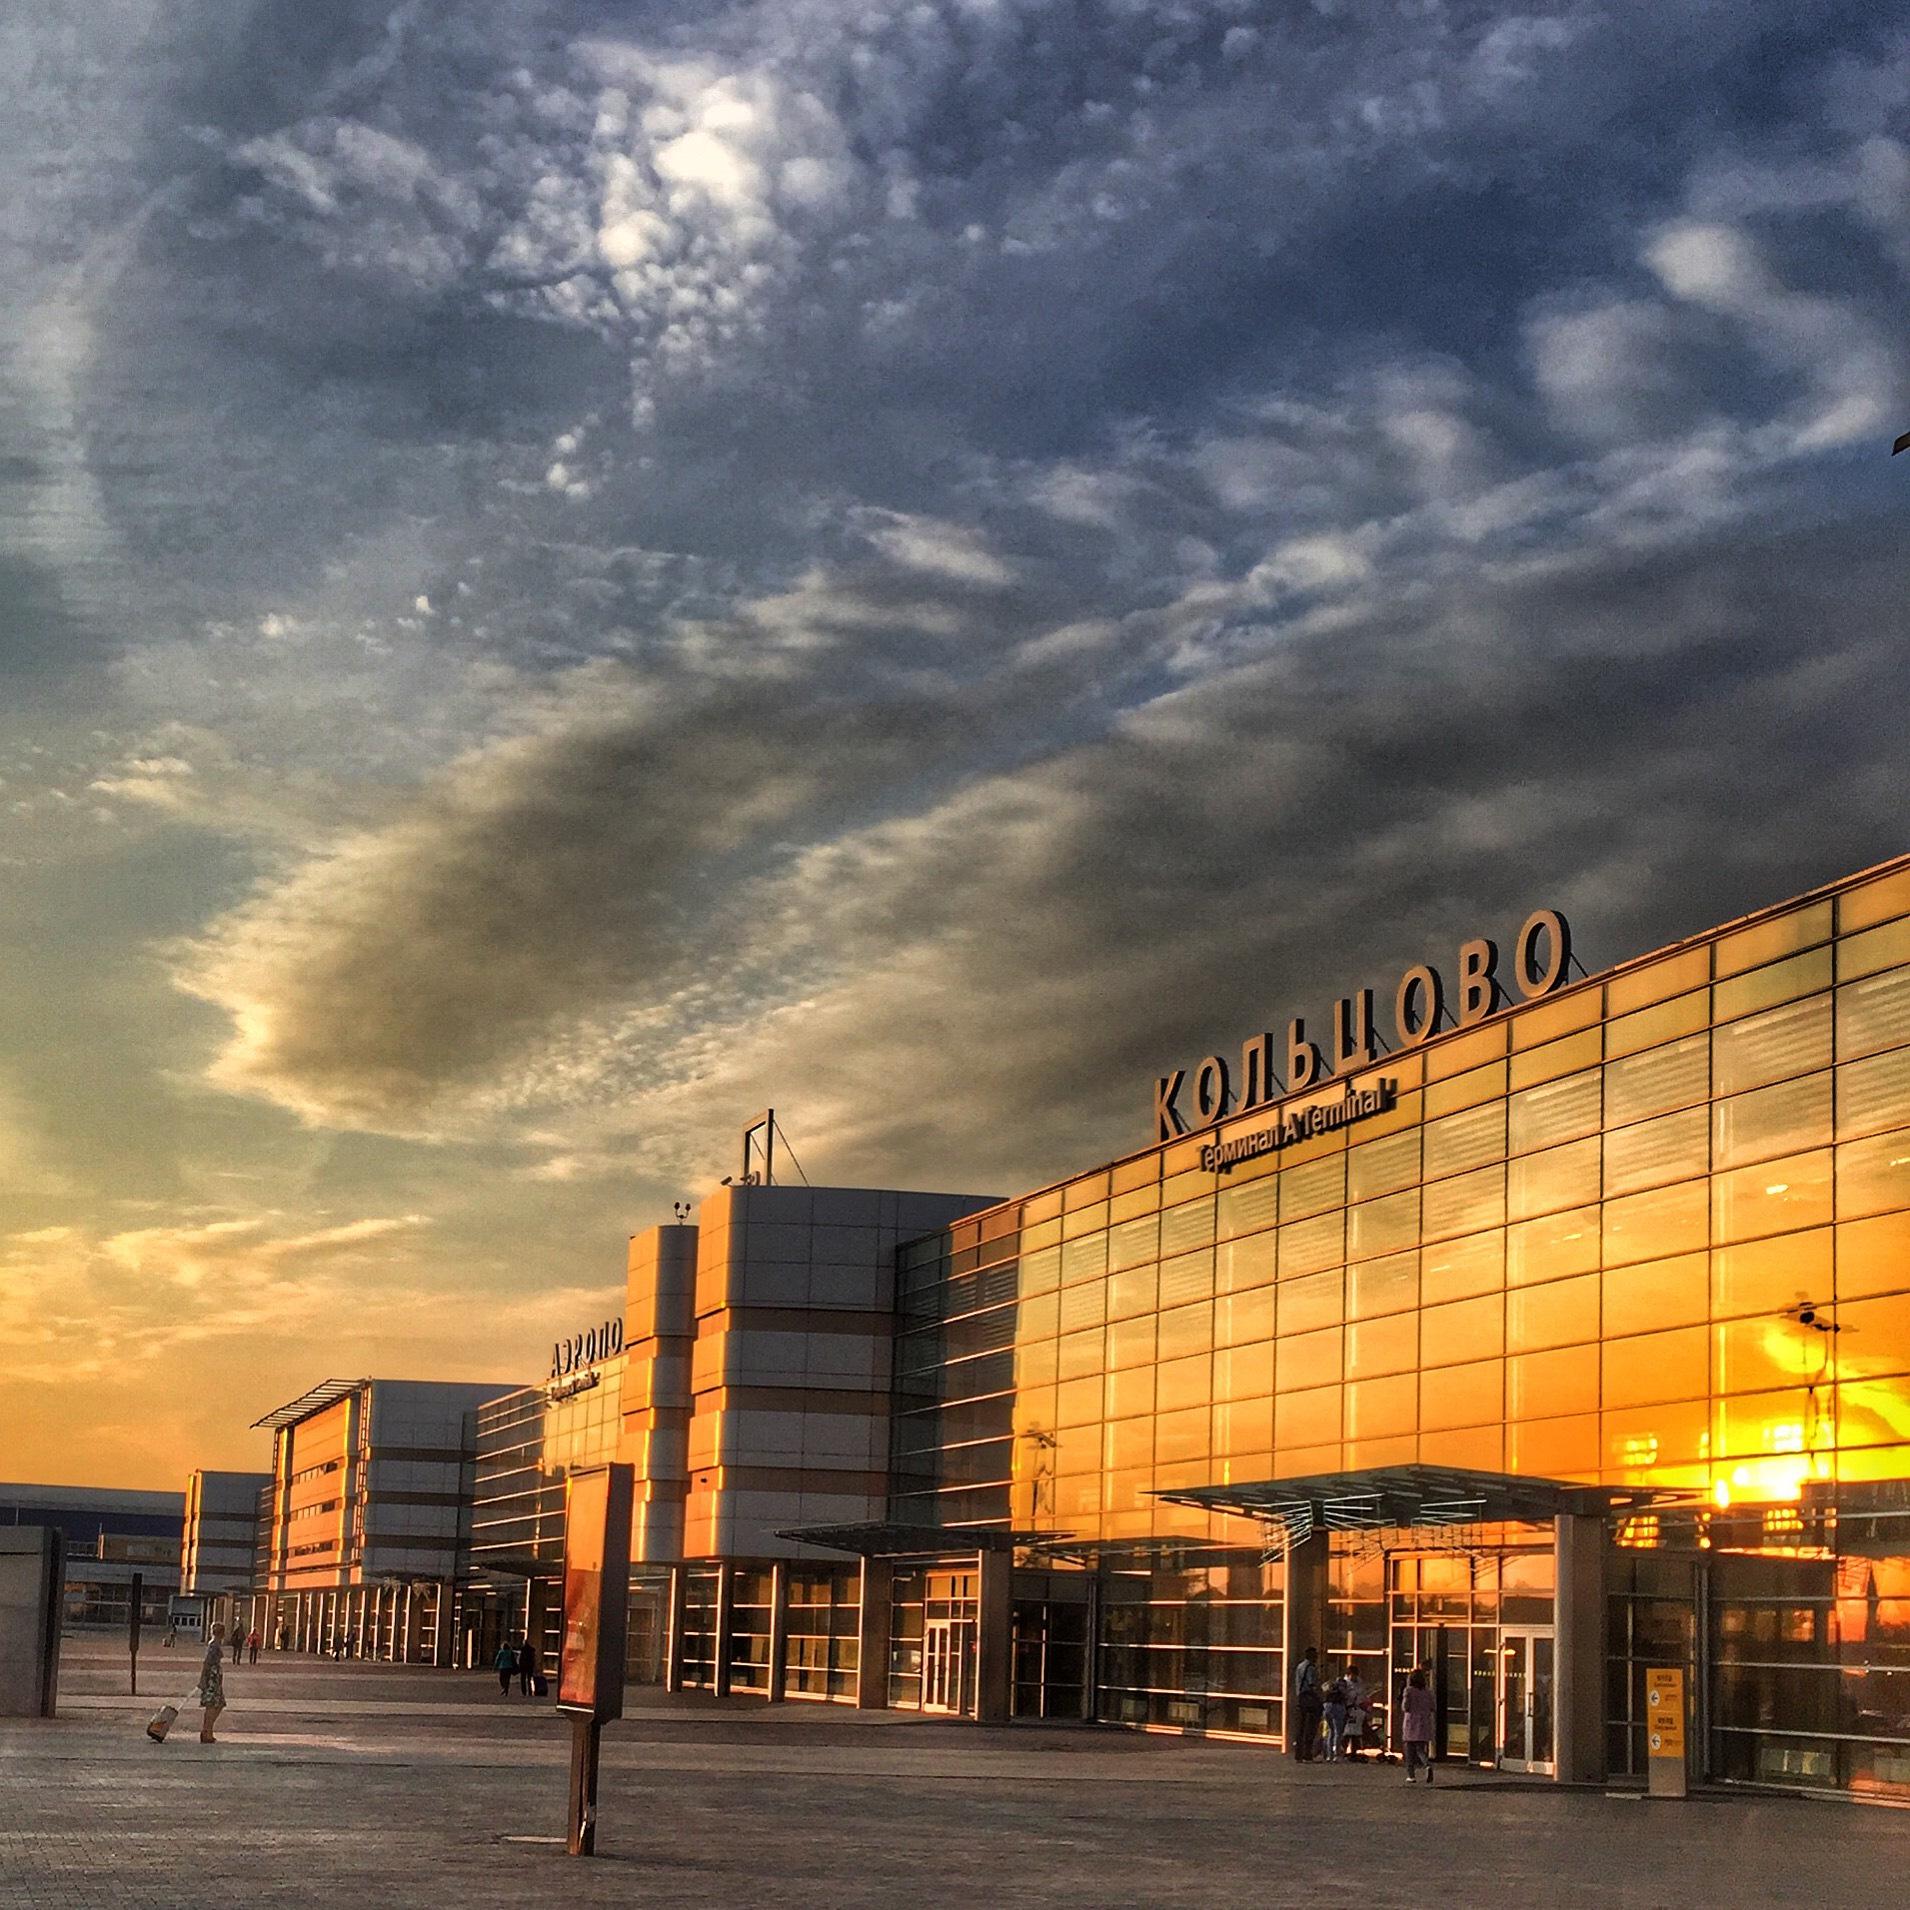 Аэропорт кольцово в картинках